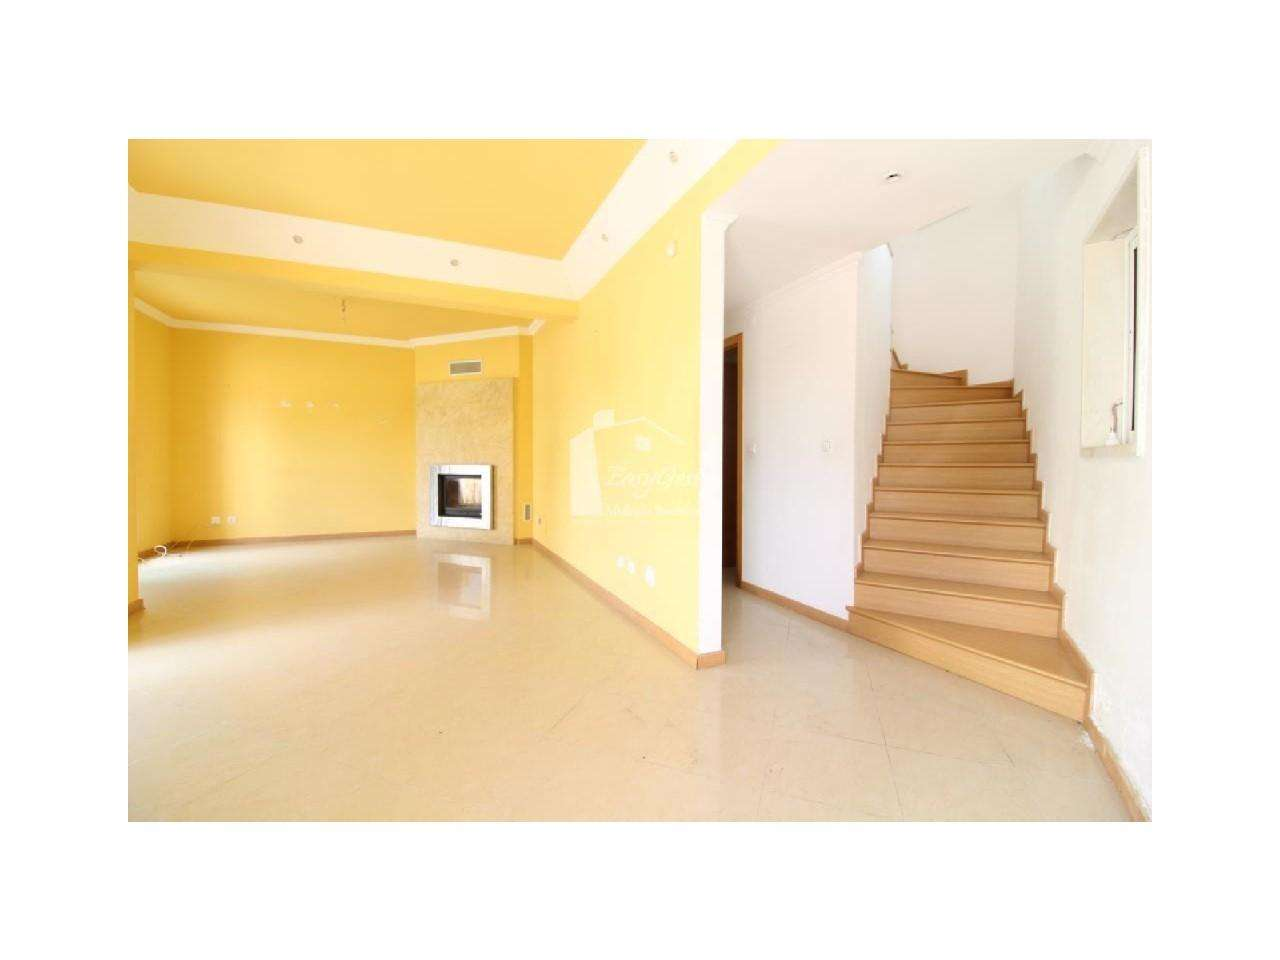 Apartamento para comprar, Fernão Ferro, Setúbal - Foto 2